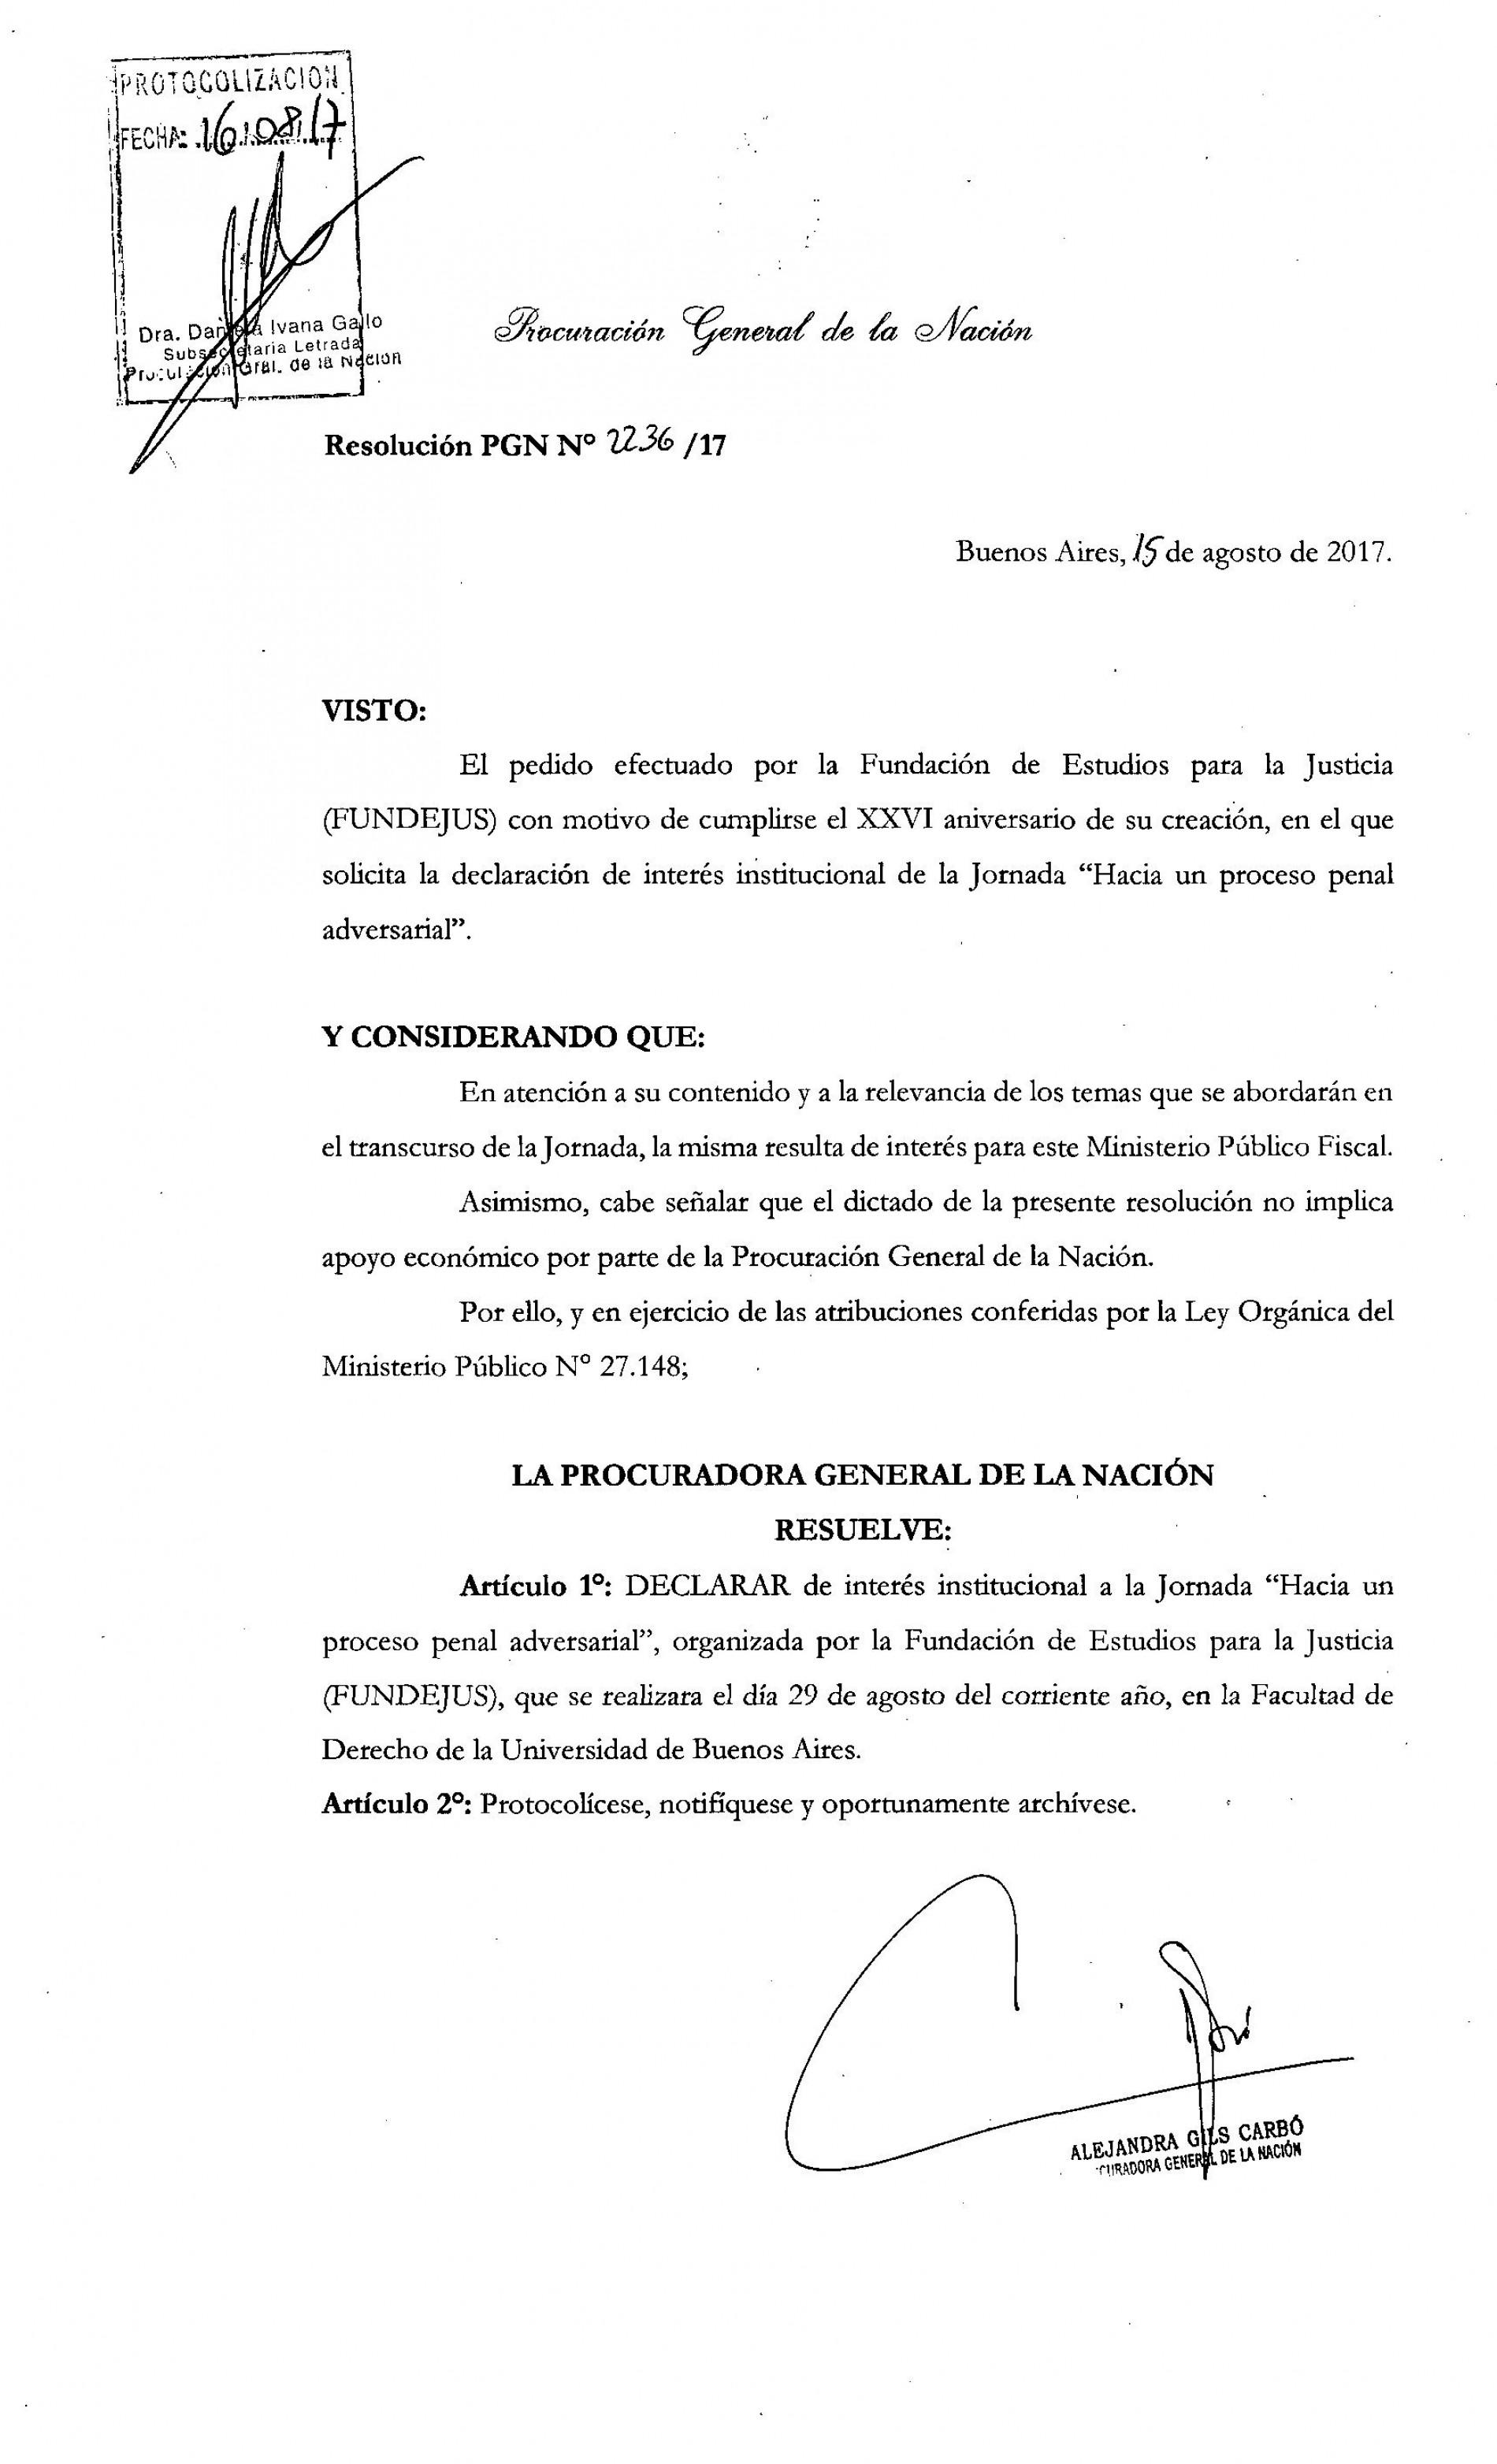 » Hacia un proceso penal adversarial «: Declaración de interés de la Procuración General  de la Nación